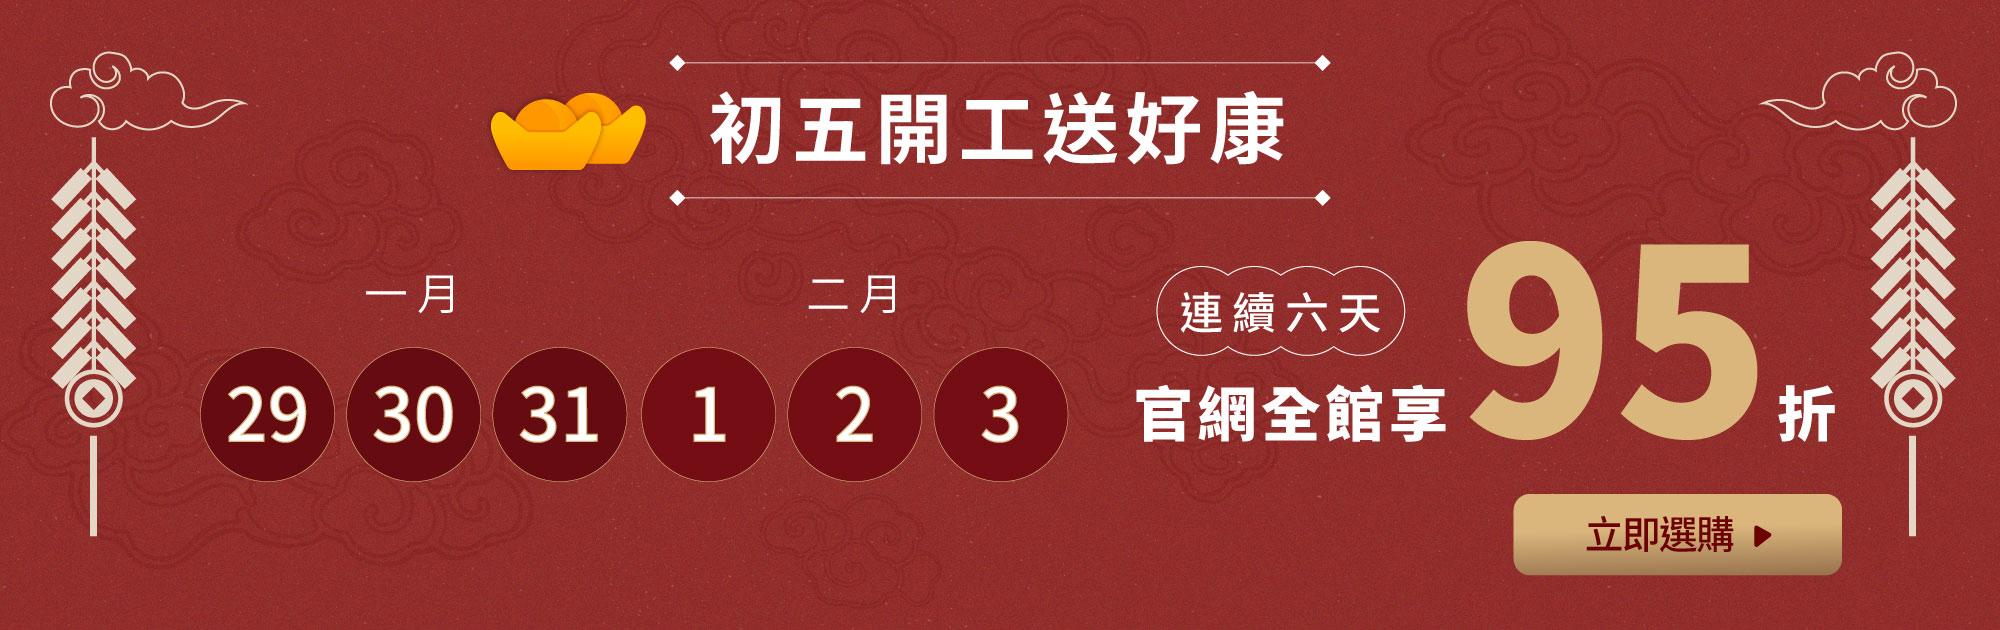 初五開工送好康 1/29-2/3連續六天 官網全館95折